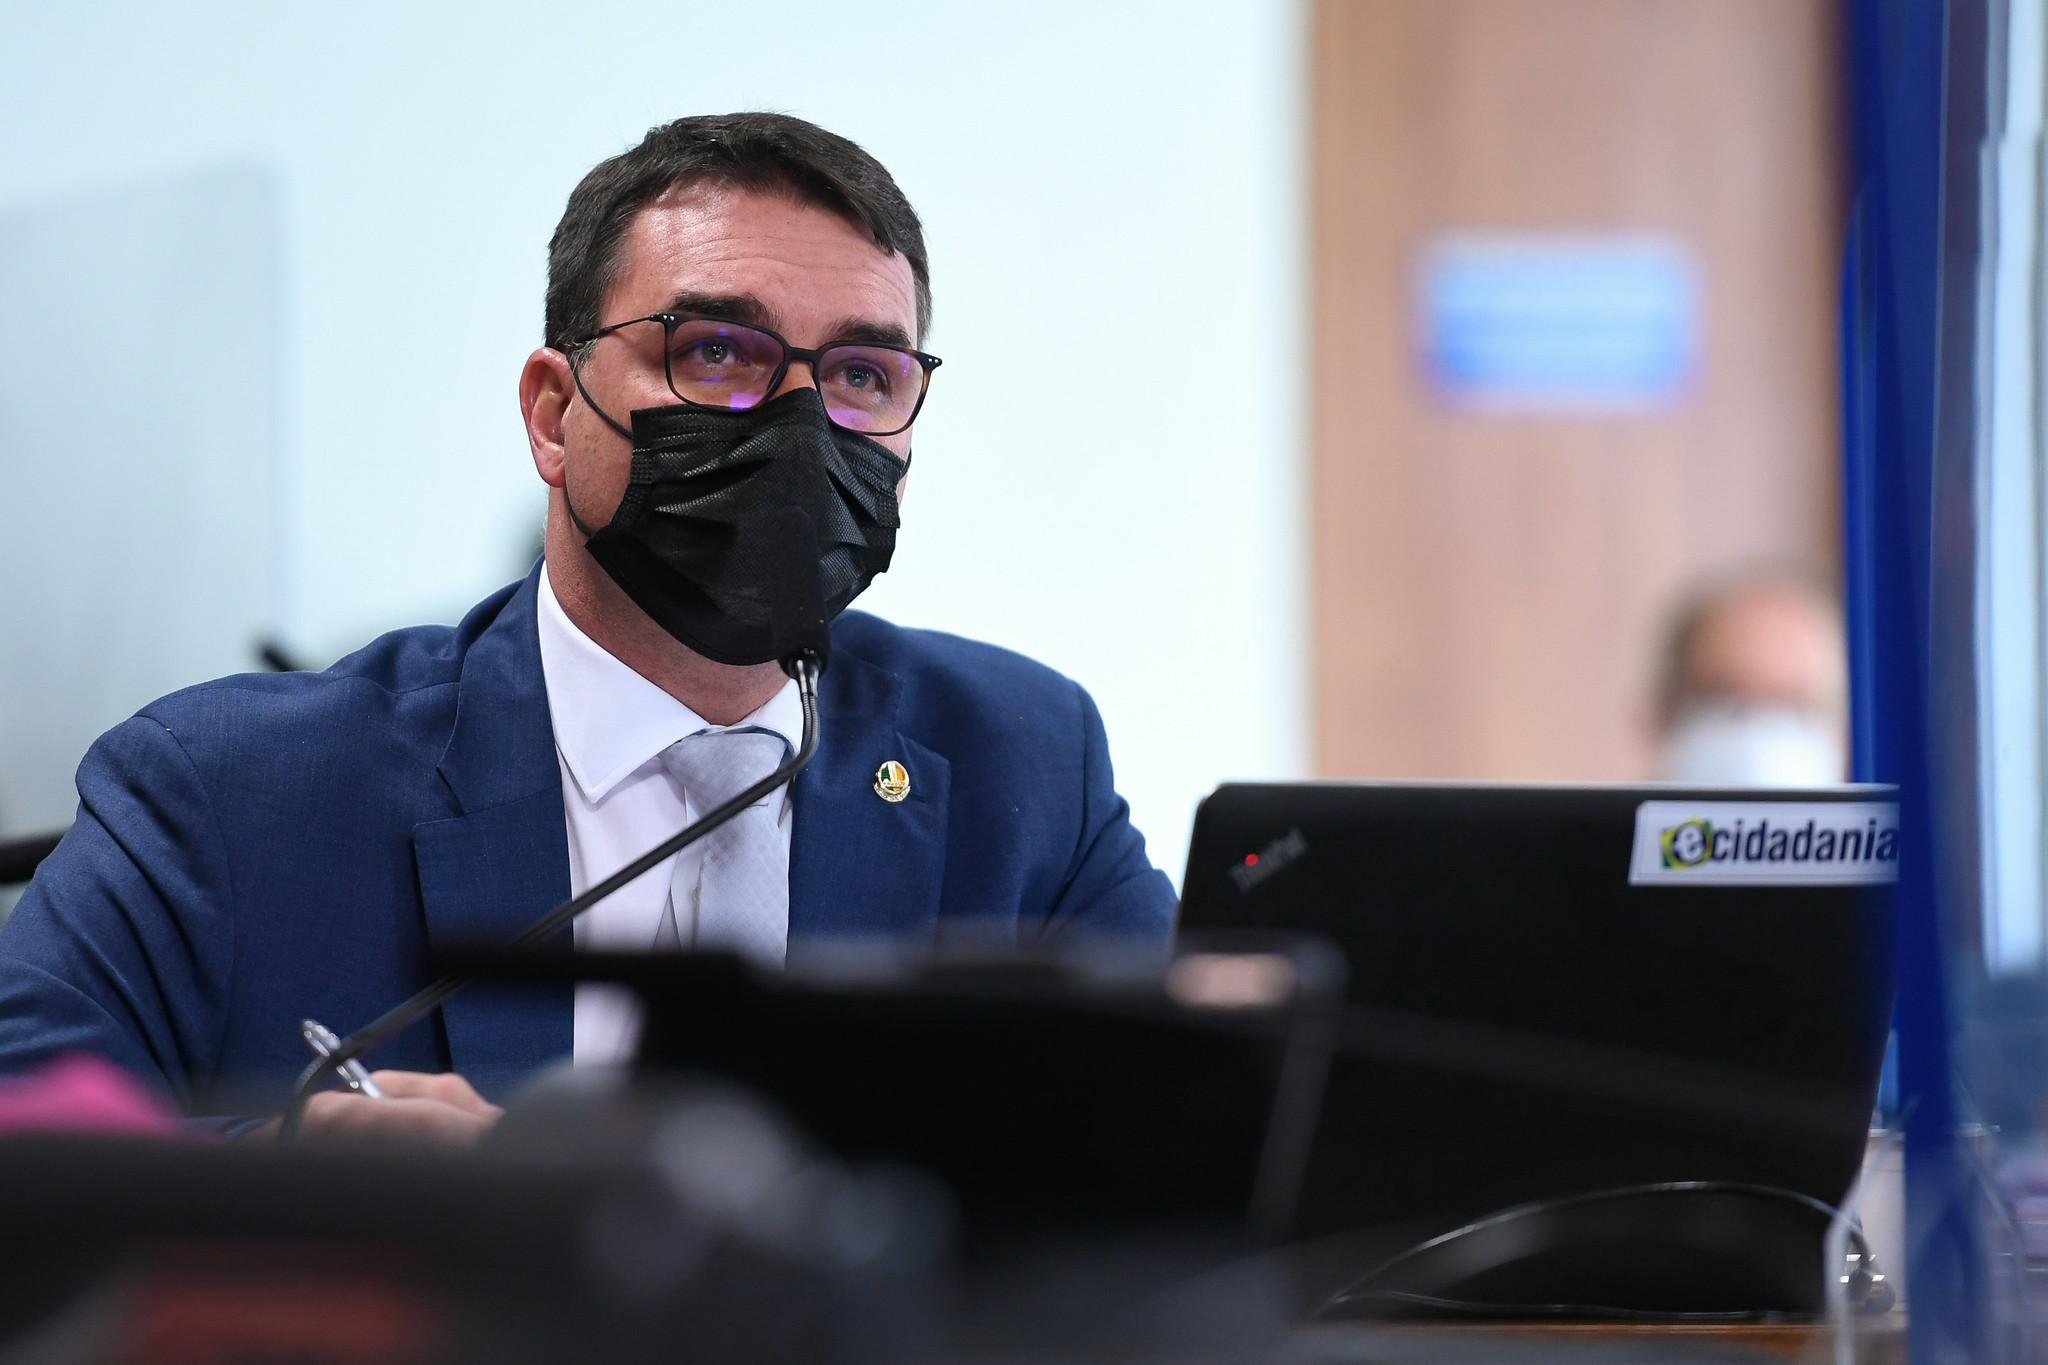 IMAGEM: Flávio Bolsonaro passa a fazer parte da CPI da Covid